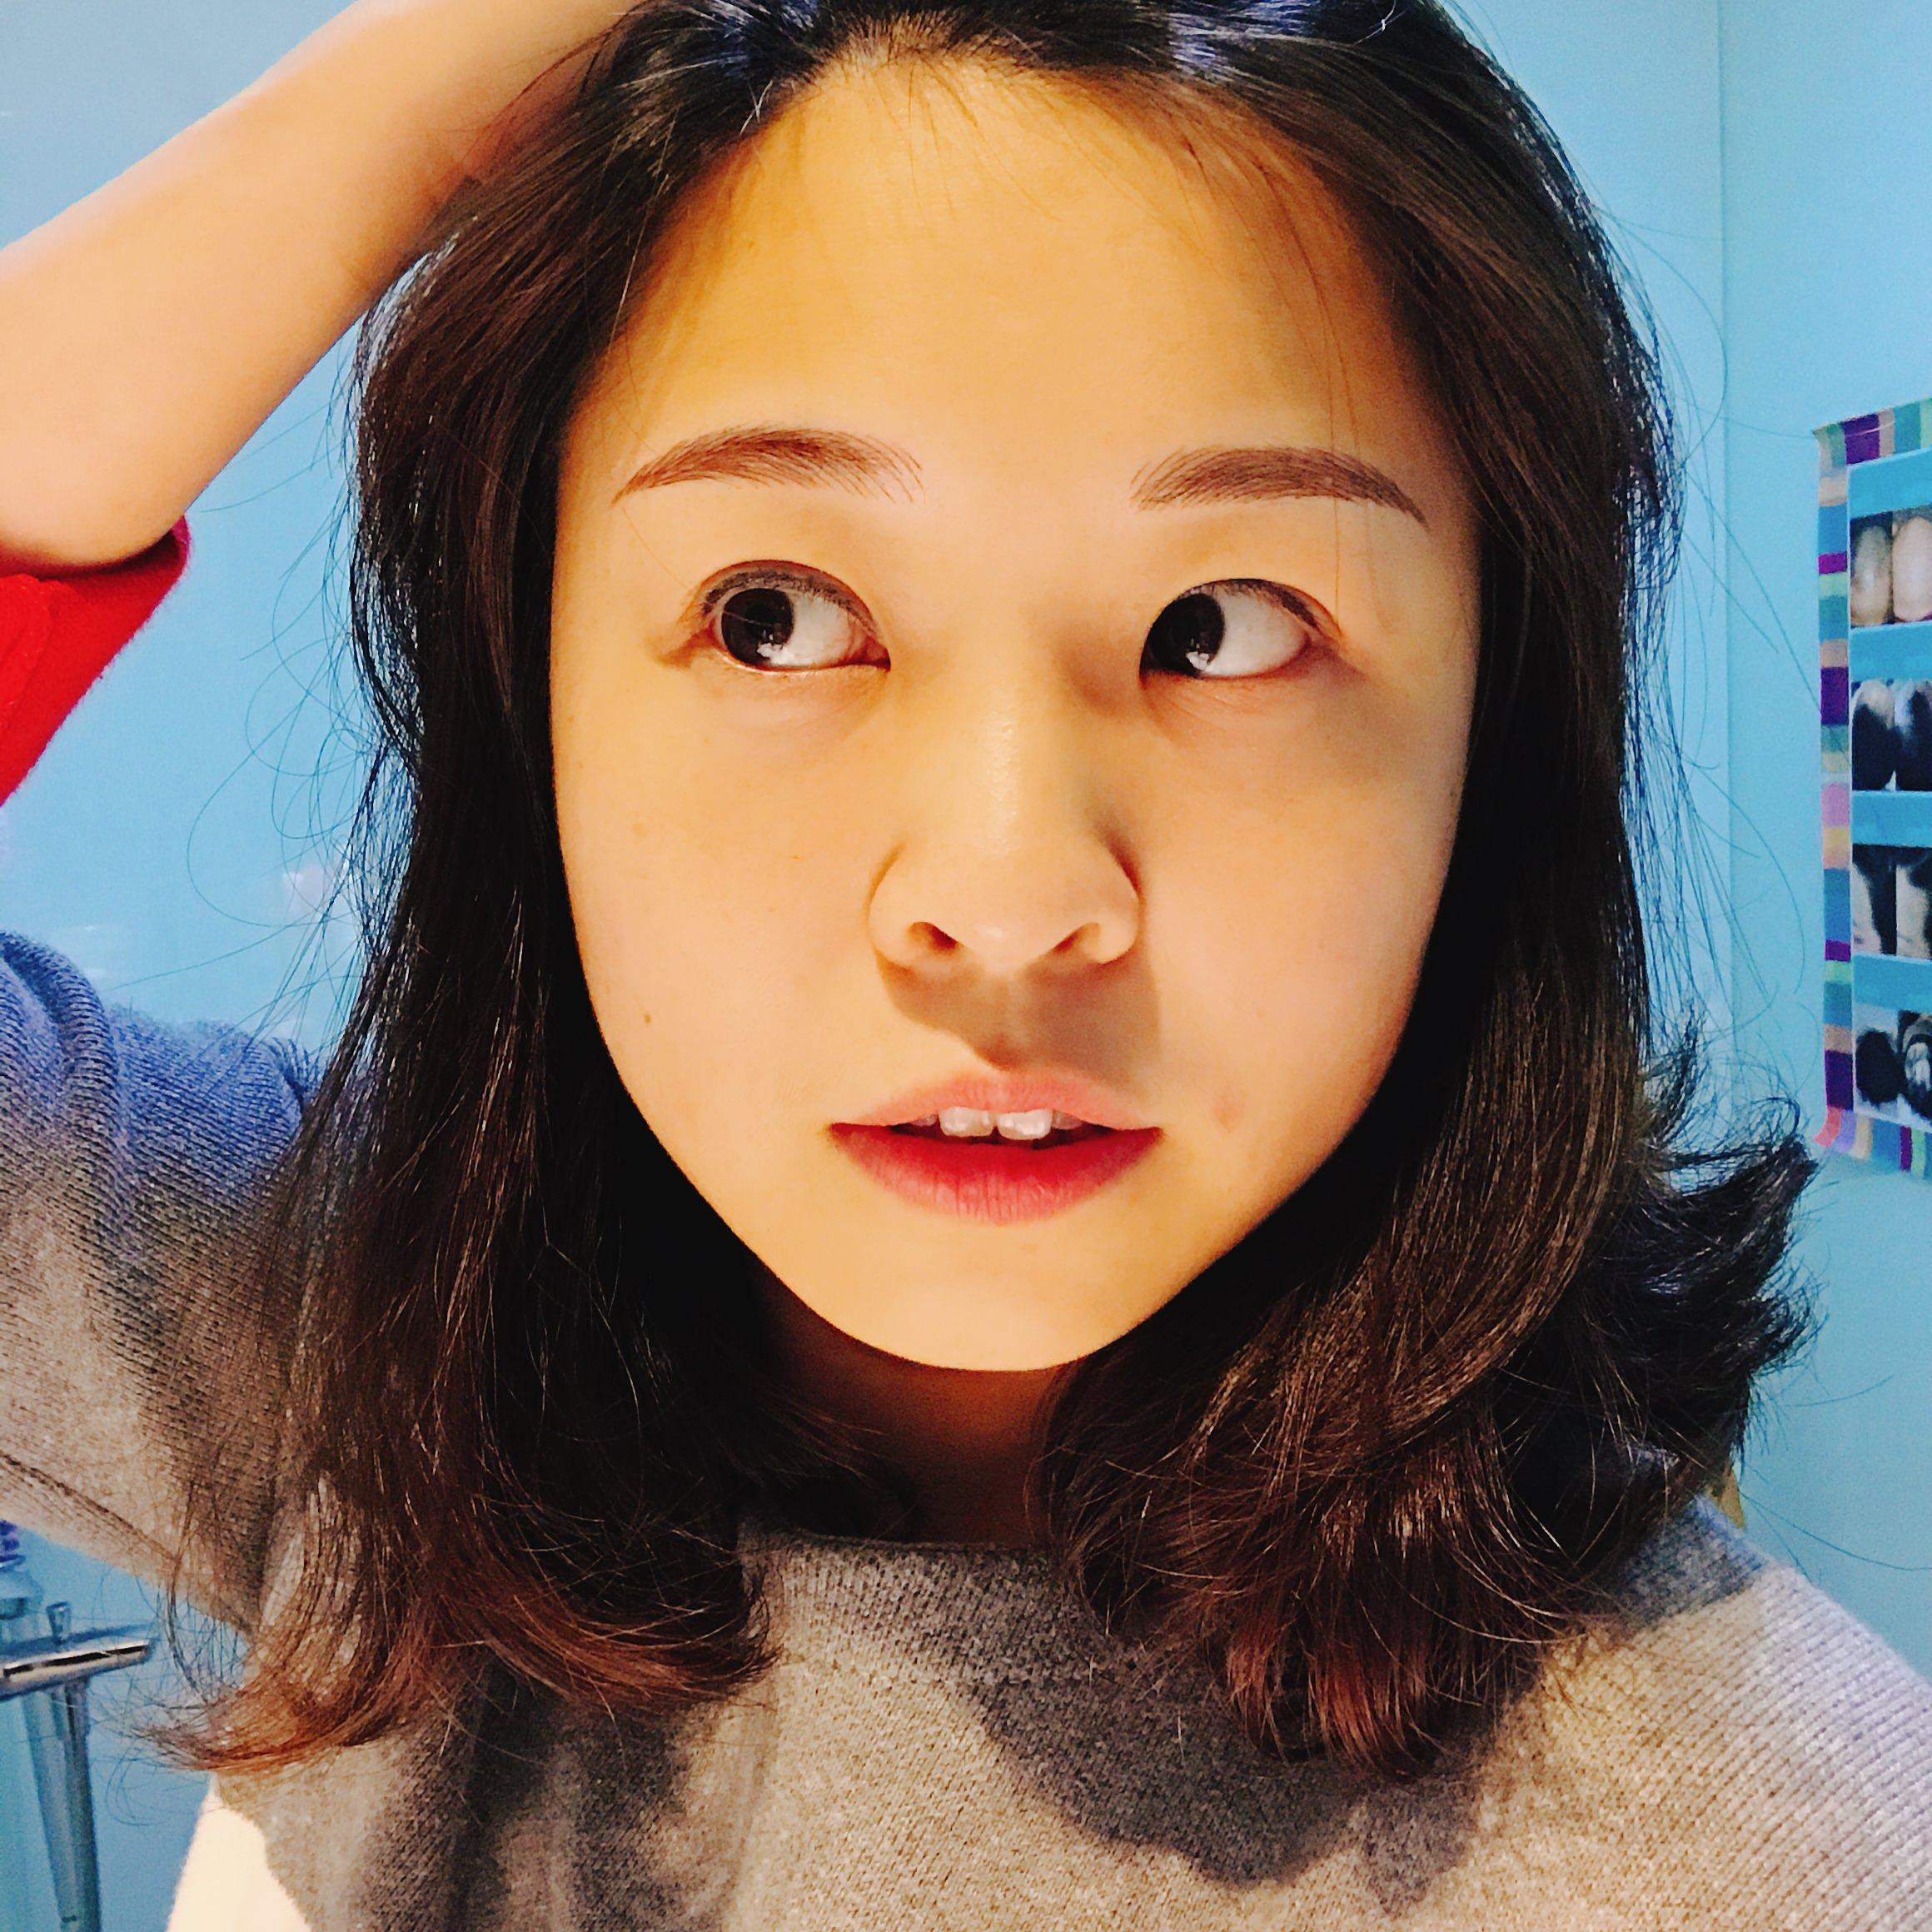 親愛的,我把眉毛變清楚了!│雅安國際飄眉初體驗之非常滿意│新莊飄眉推薦